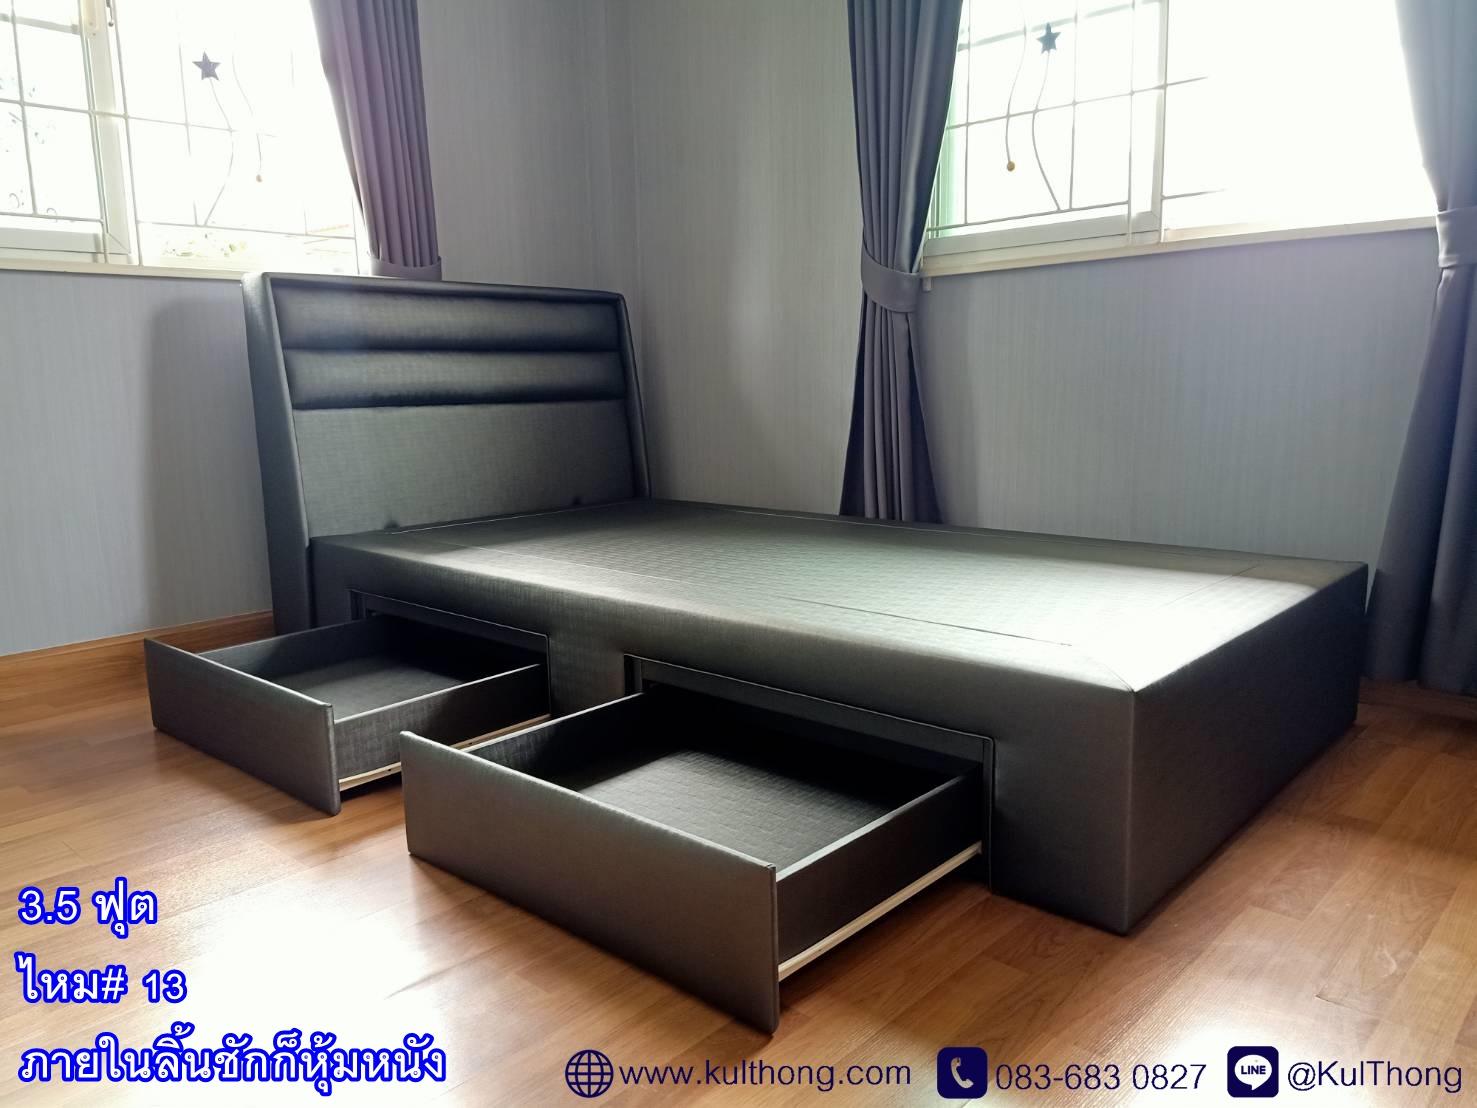 เตียงนอนมีลิ้นชัก ฐานเตียง ฐานรองที่นอน